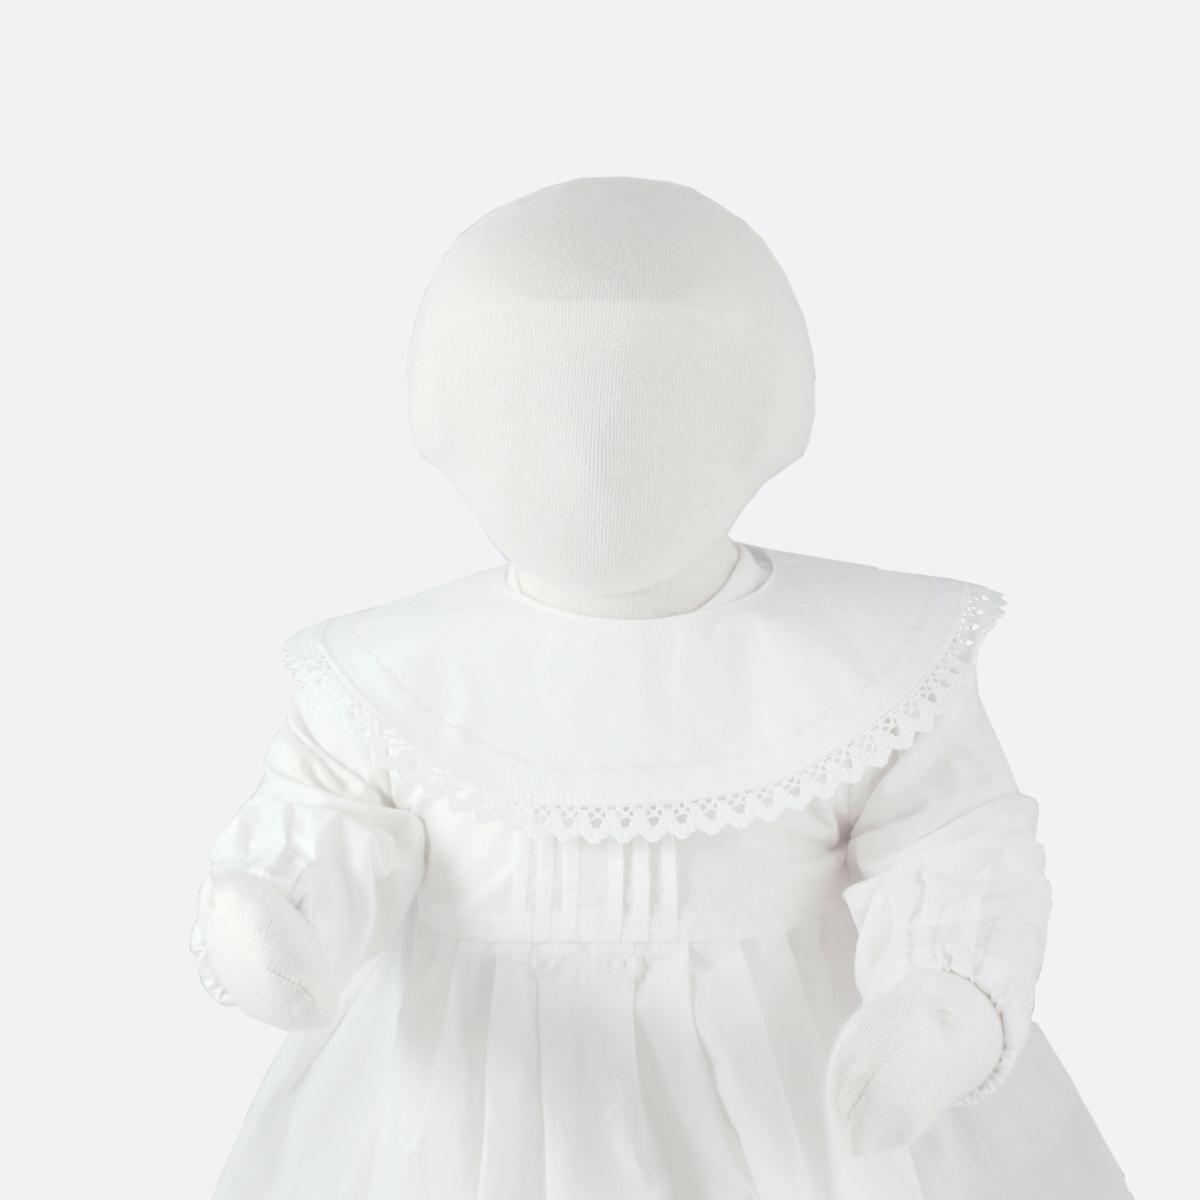 Krage med spets till minimundus dopklänning av ekologisk bomull